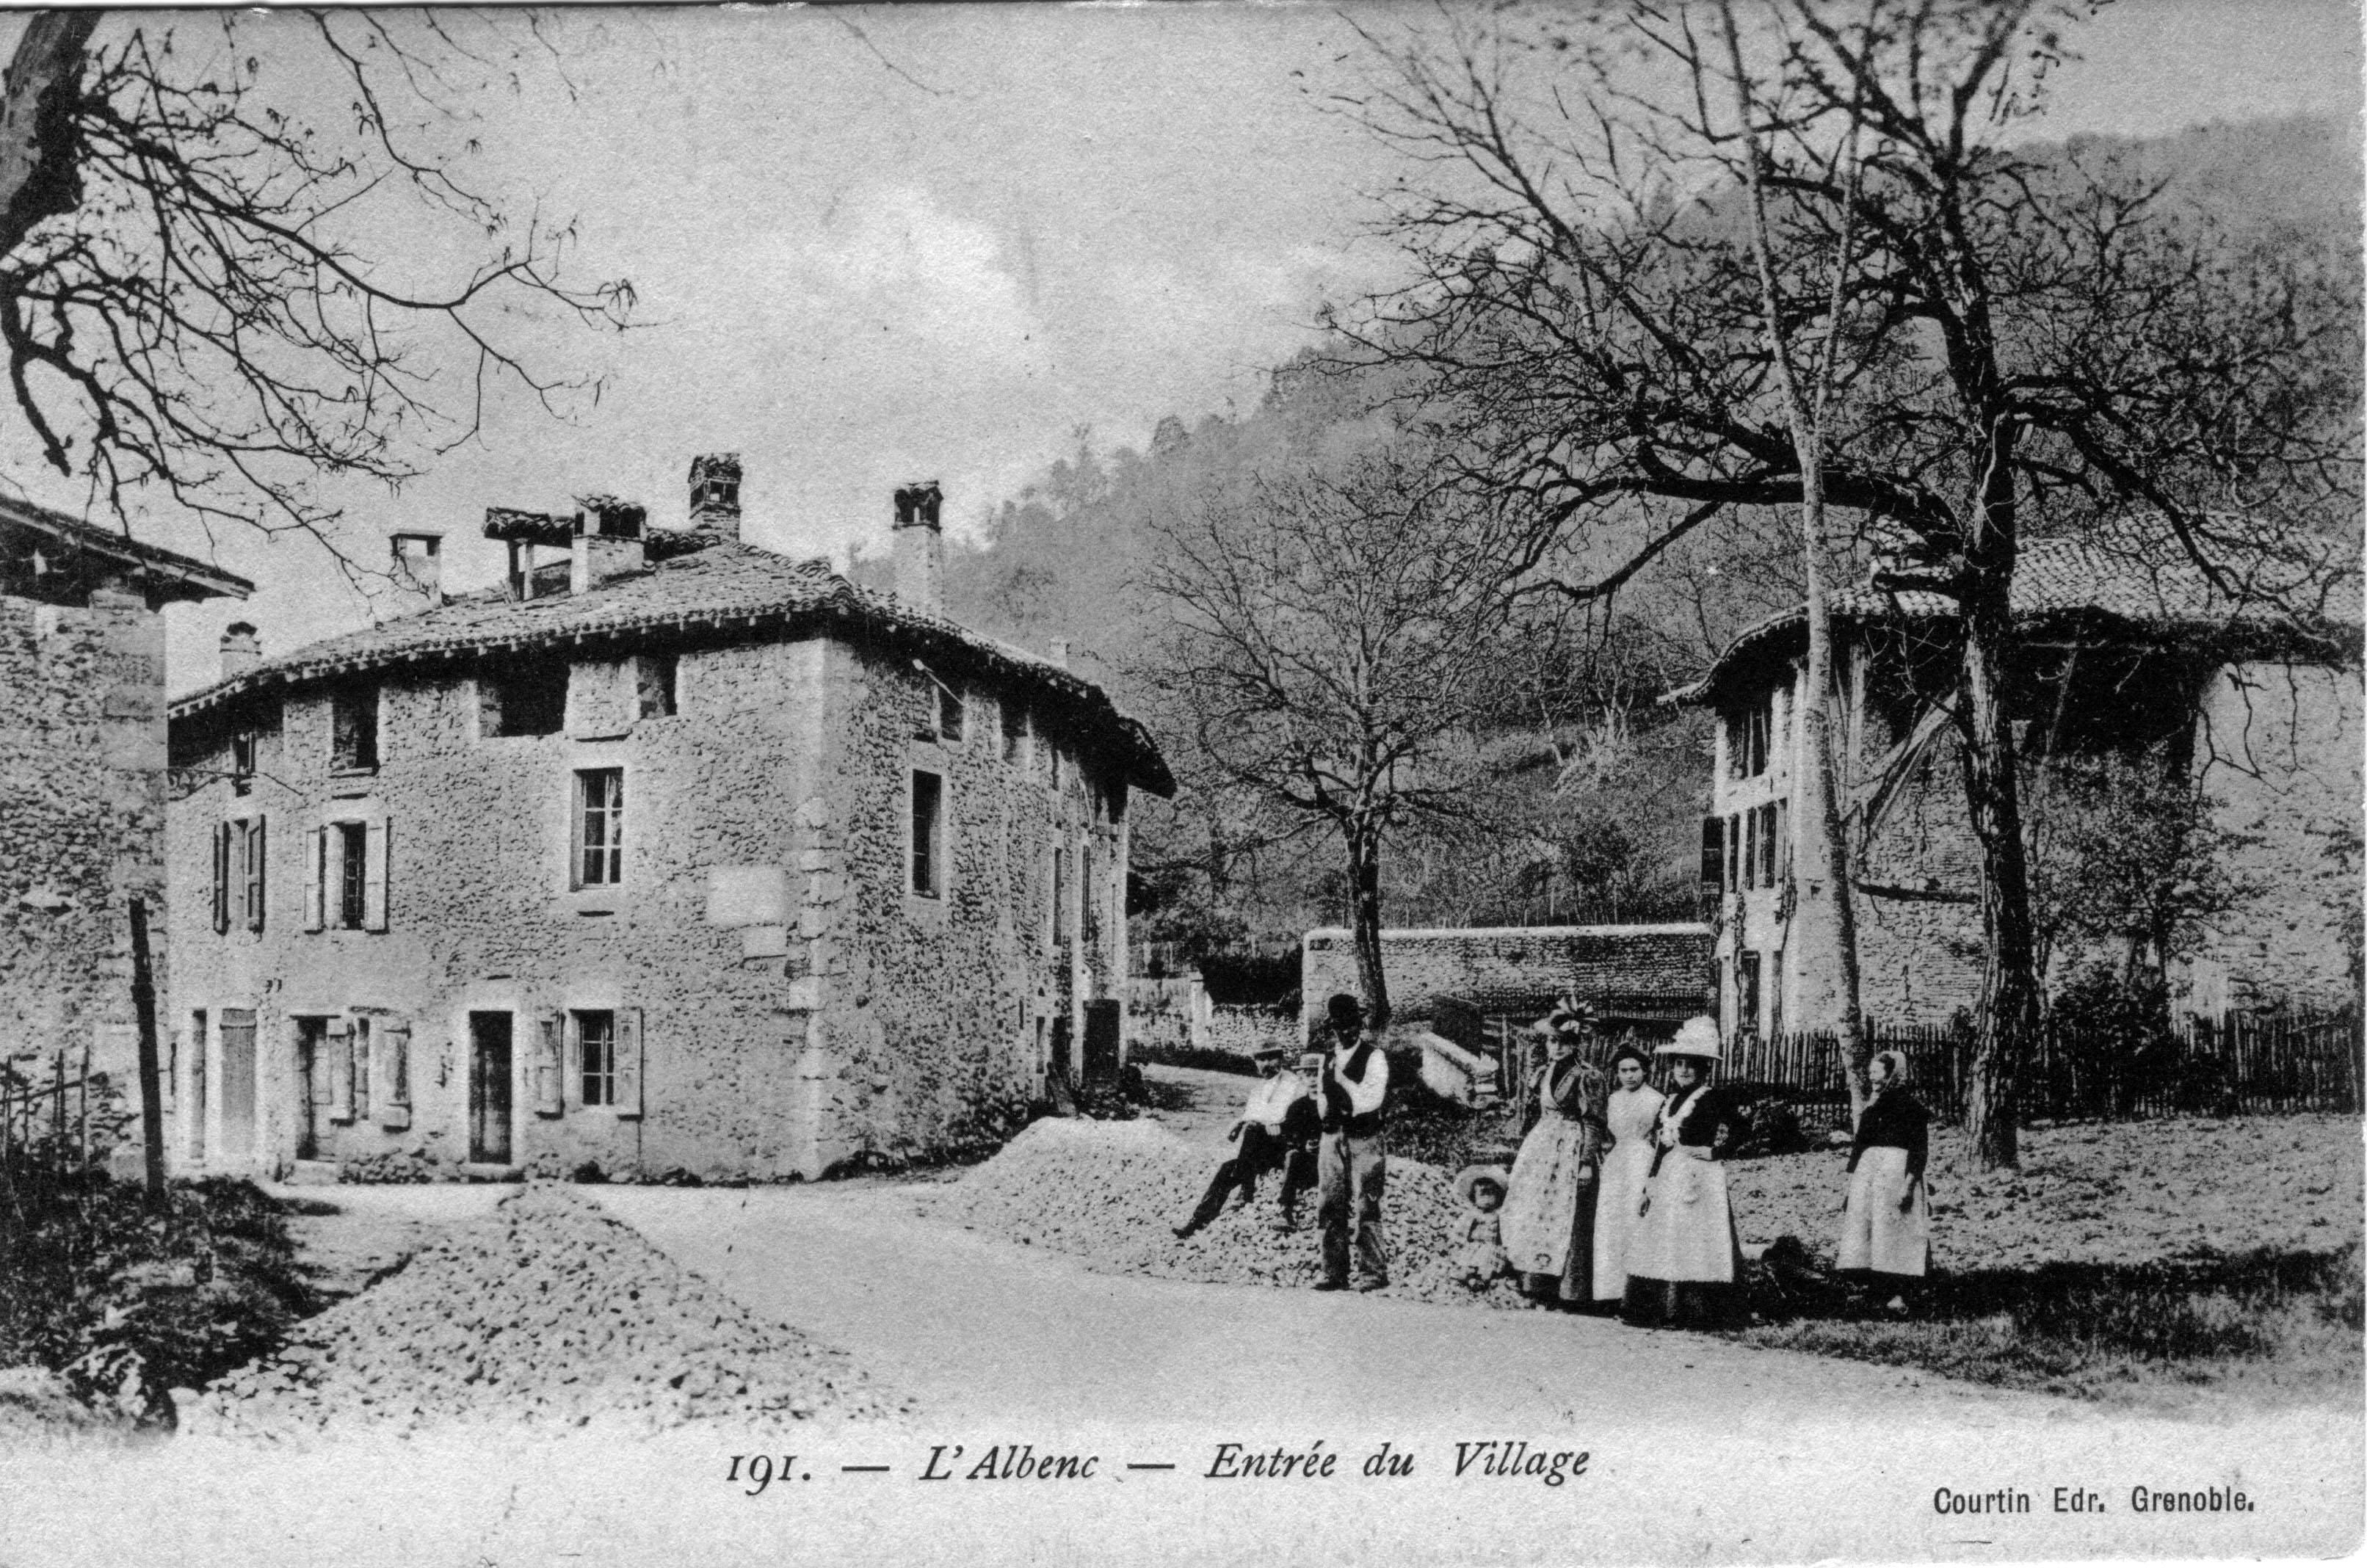 Histoire Amp Patrimoine Commune De L Albenc